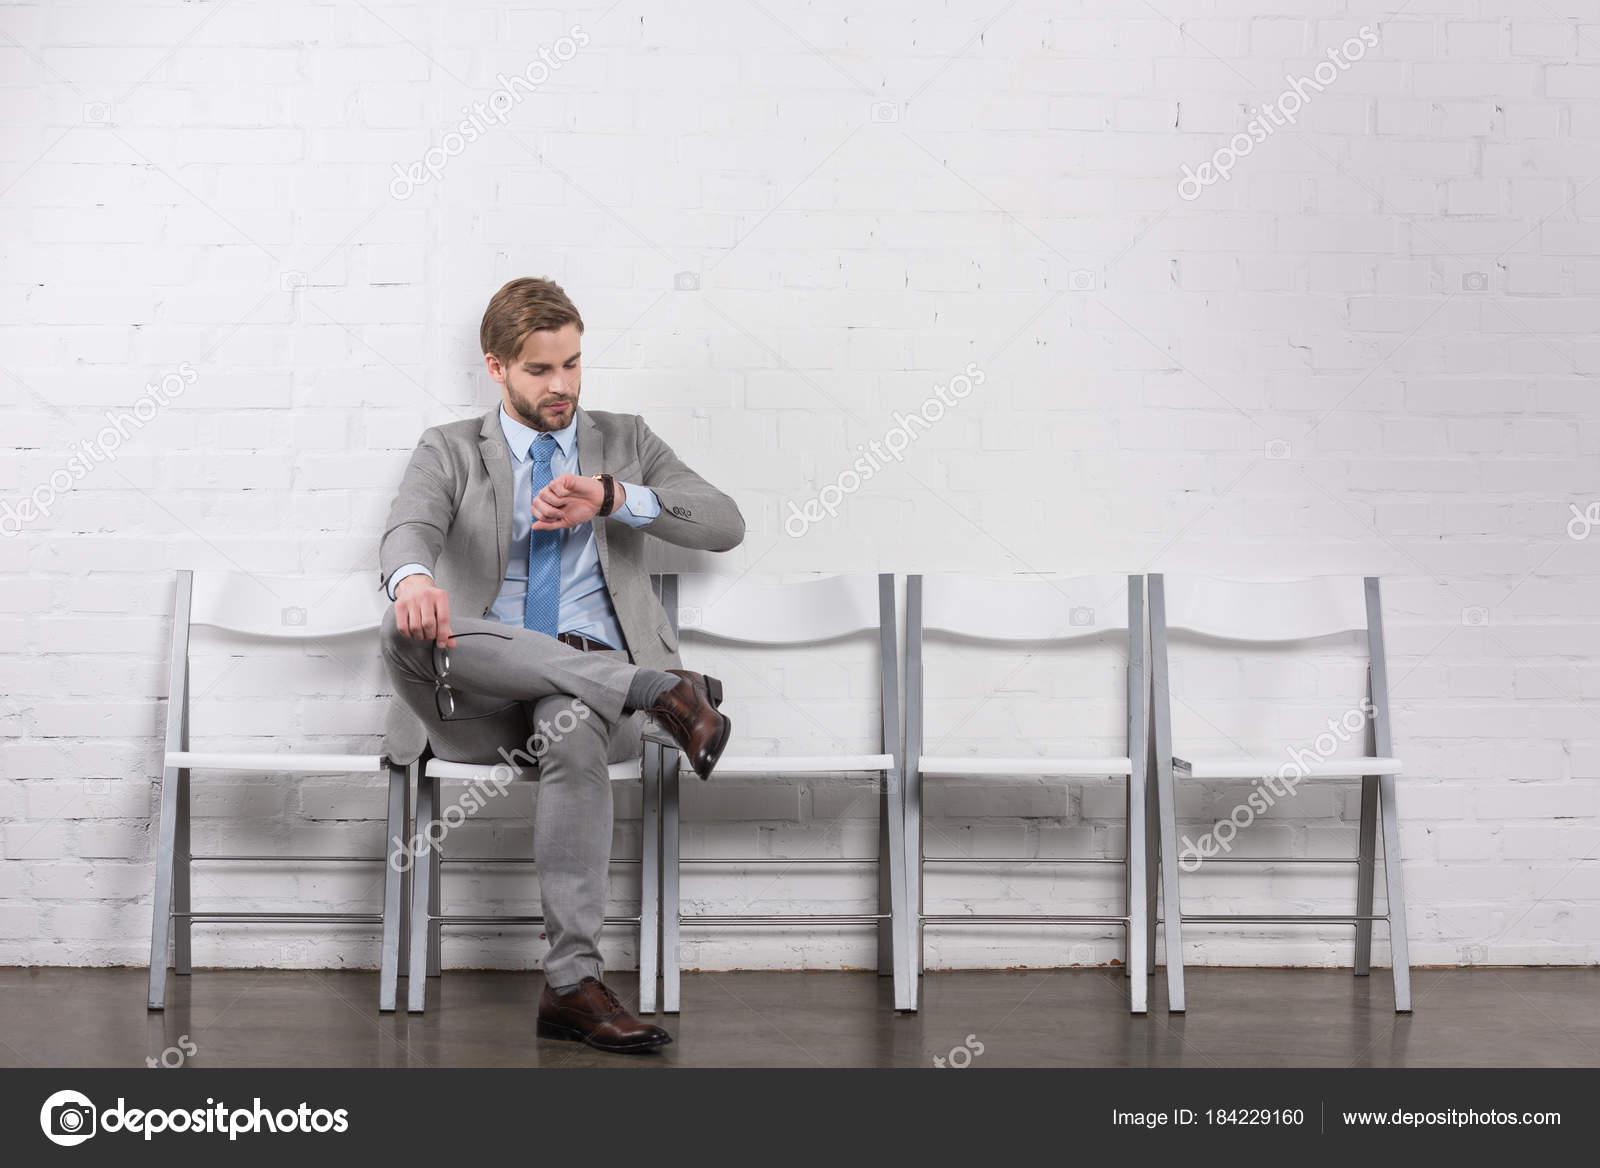 sollicitatiebrief controleren Kaukasische Zakenman Tijd Tijdens Het Wachten Voor  sollicitatiebrief controleren